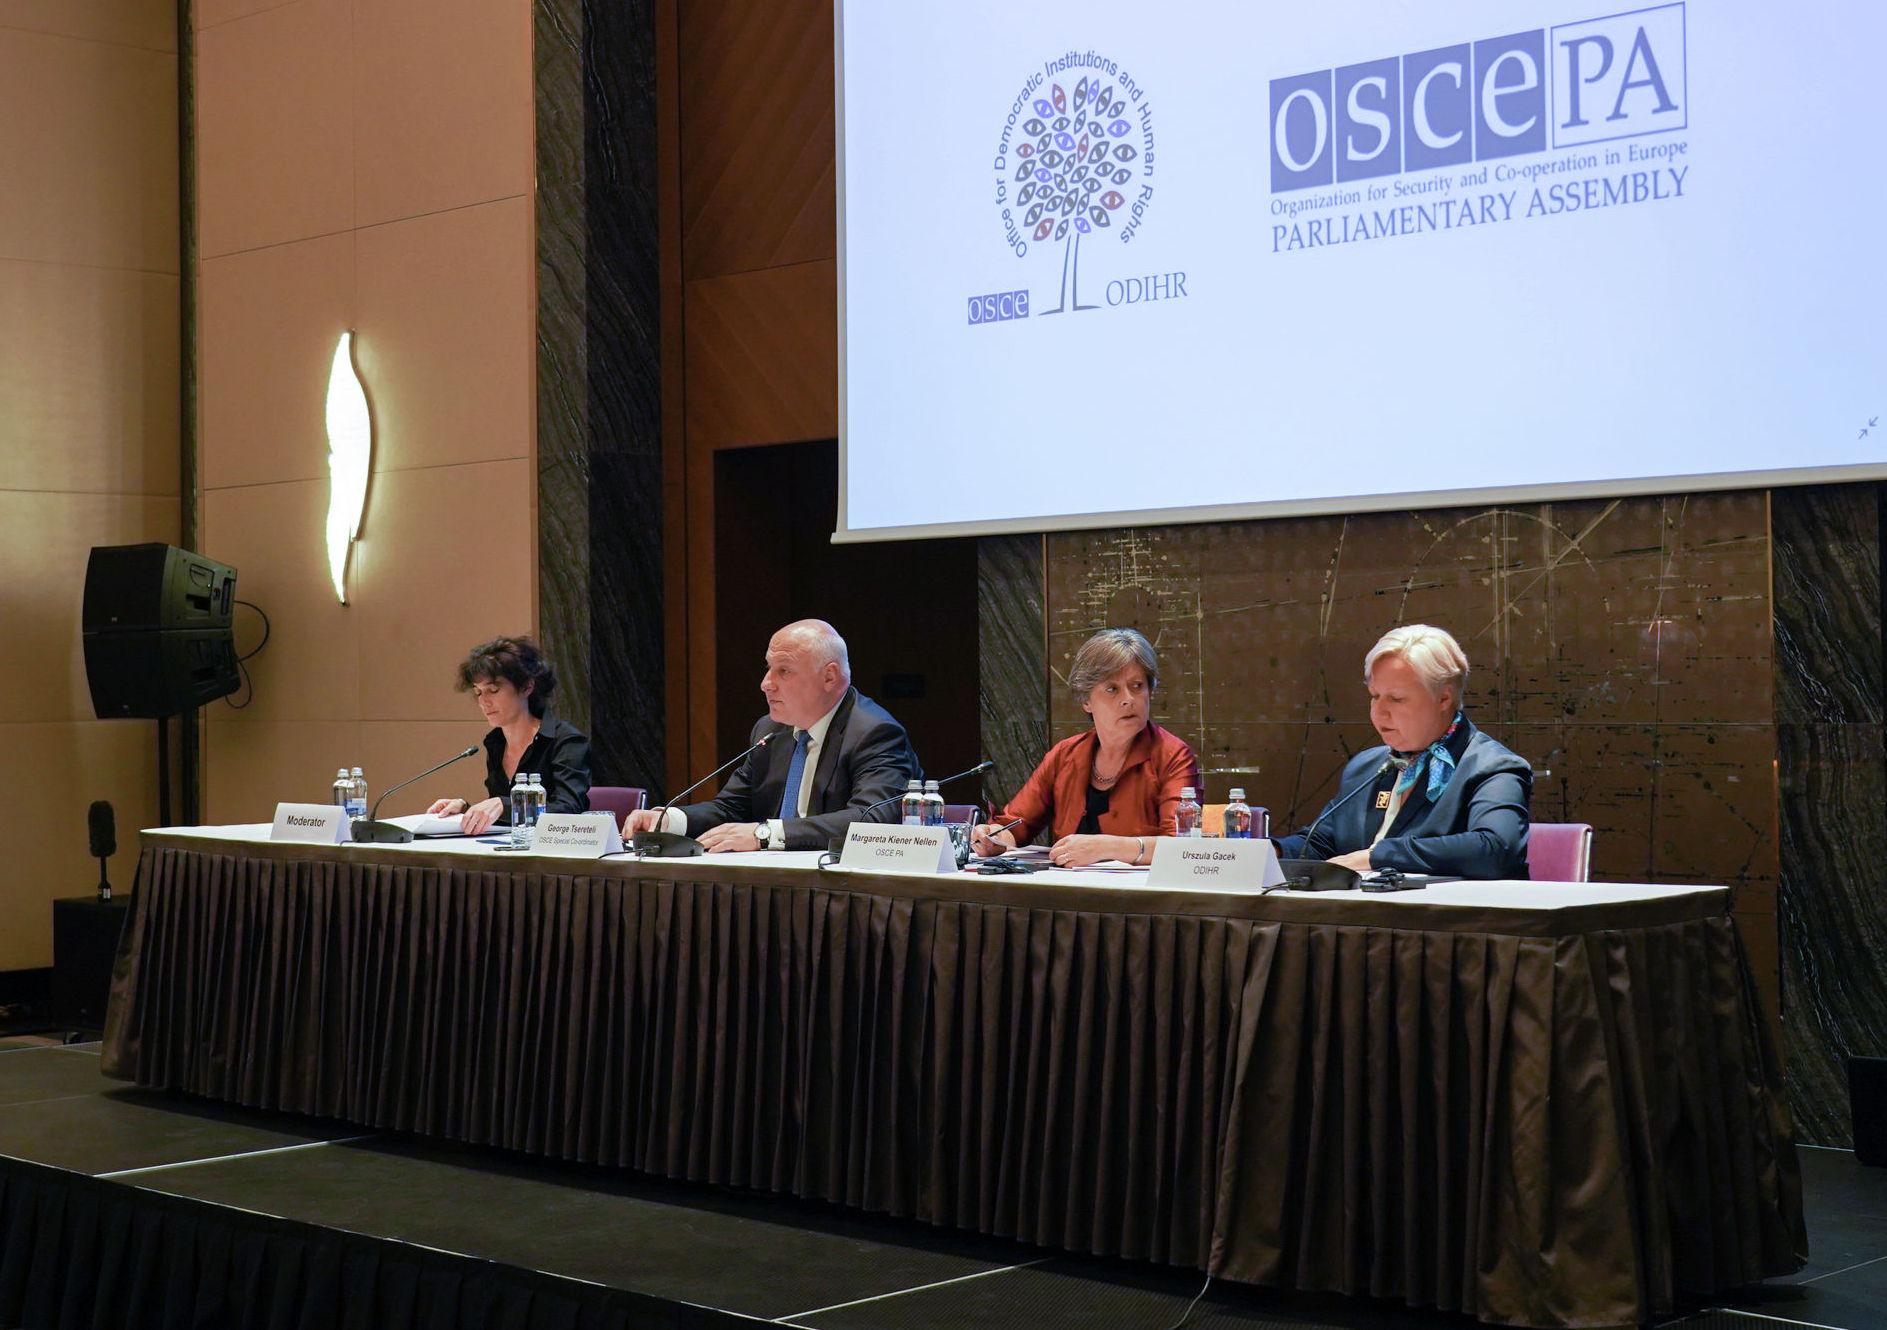 Миссия наблюдателей Организации по безопасности и сотрудничеству в Европе в составе Бюро по Демократическим Институтам и Правам Человека (БДИПЧ) ОБСЕ и Парламентской Ассамблеи ОБСЕ (ПА ОБСЕ) сделала заявление по итогам президентских выборов в Казахстане